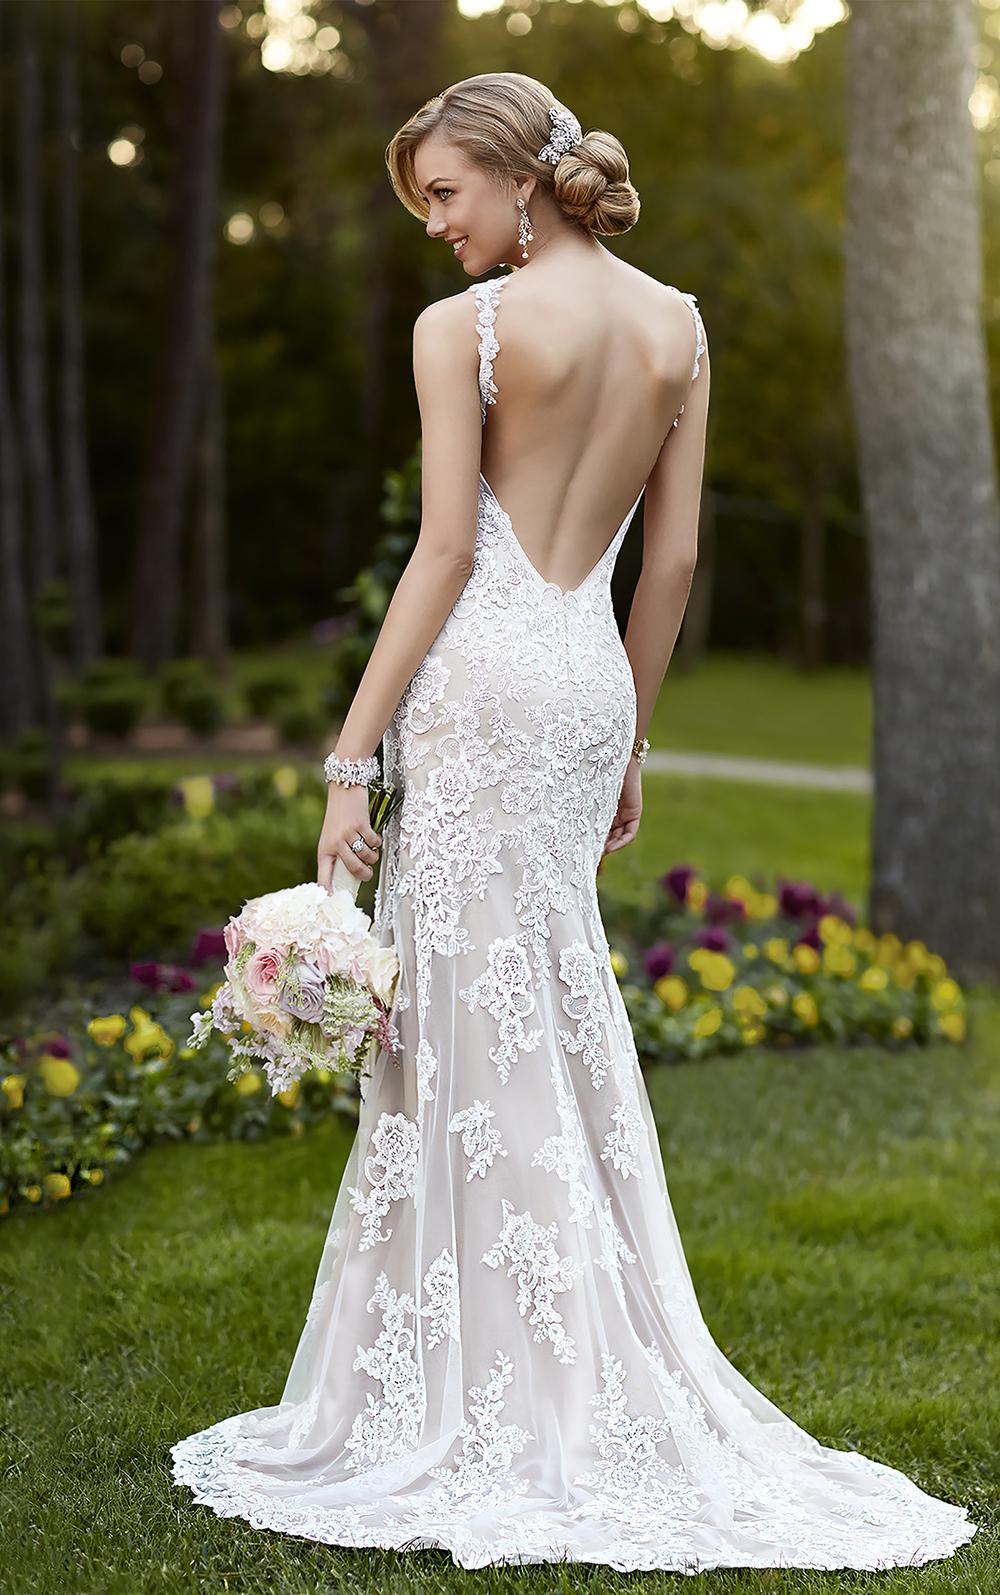 gown-boutique-of-charleston-stella-york.jpg